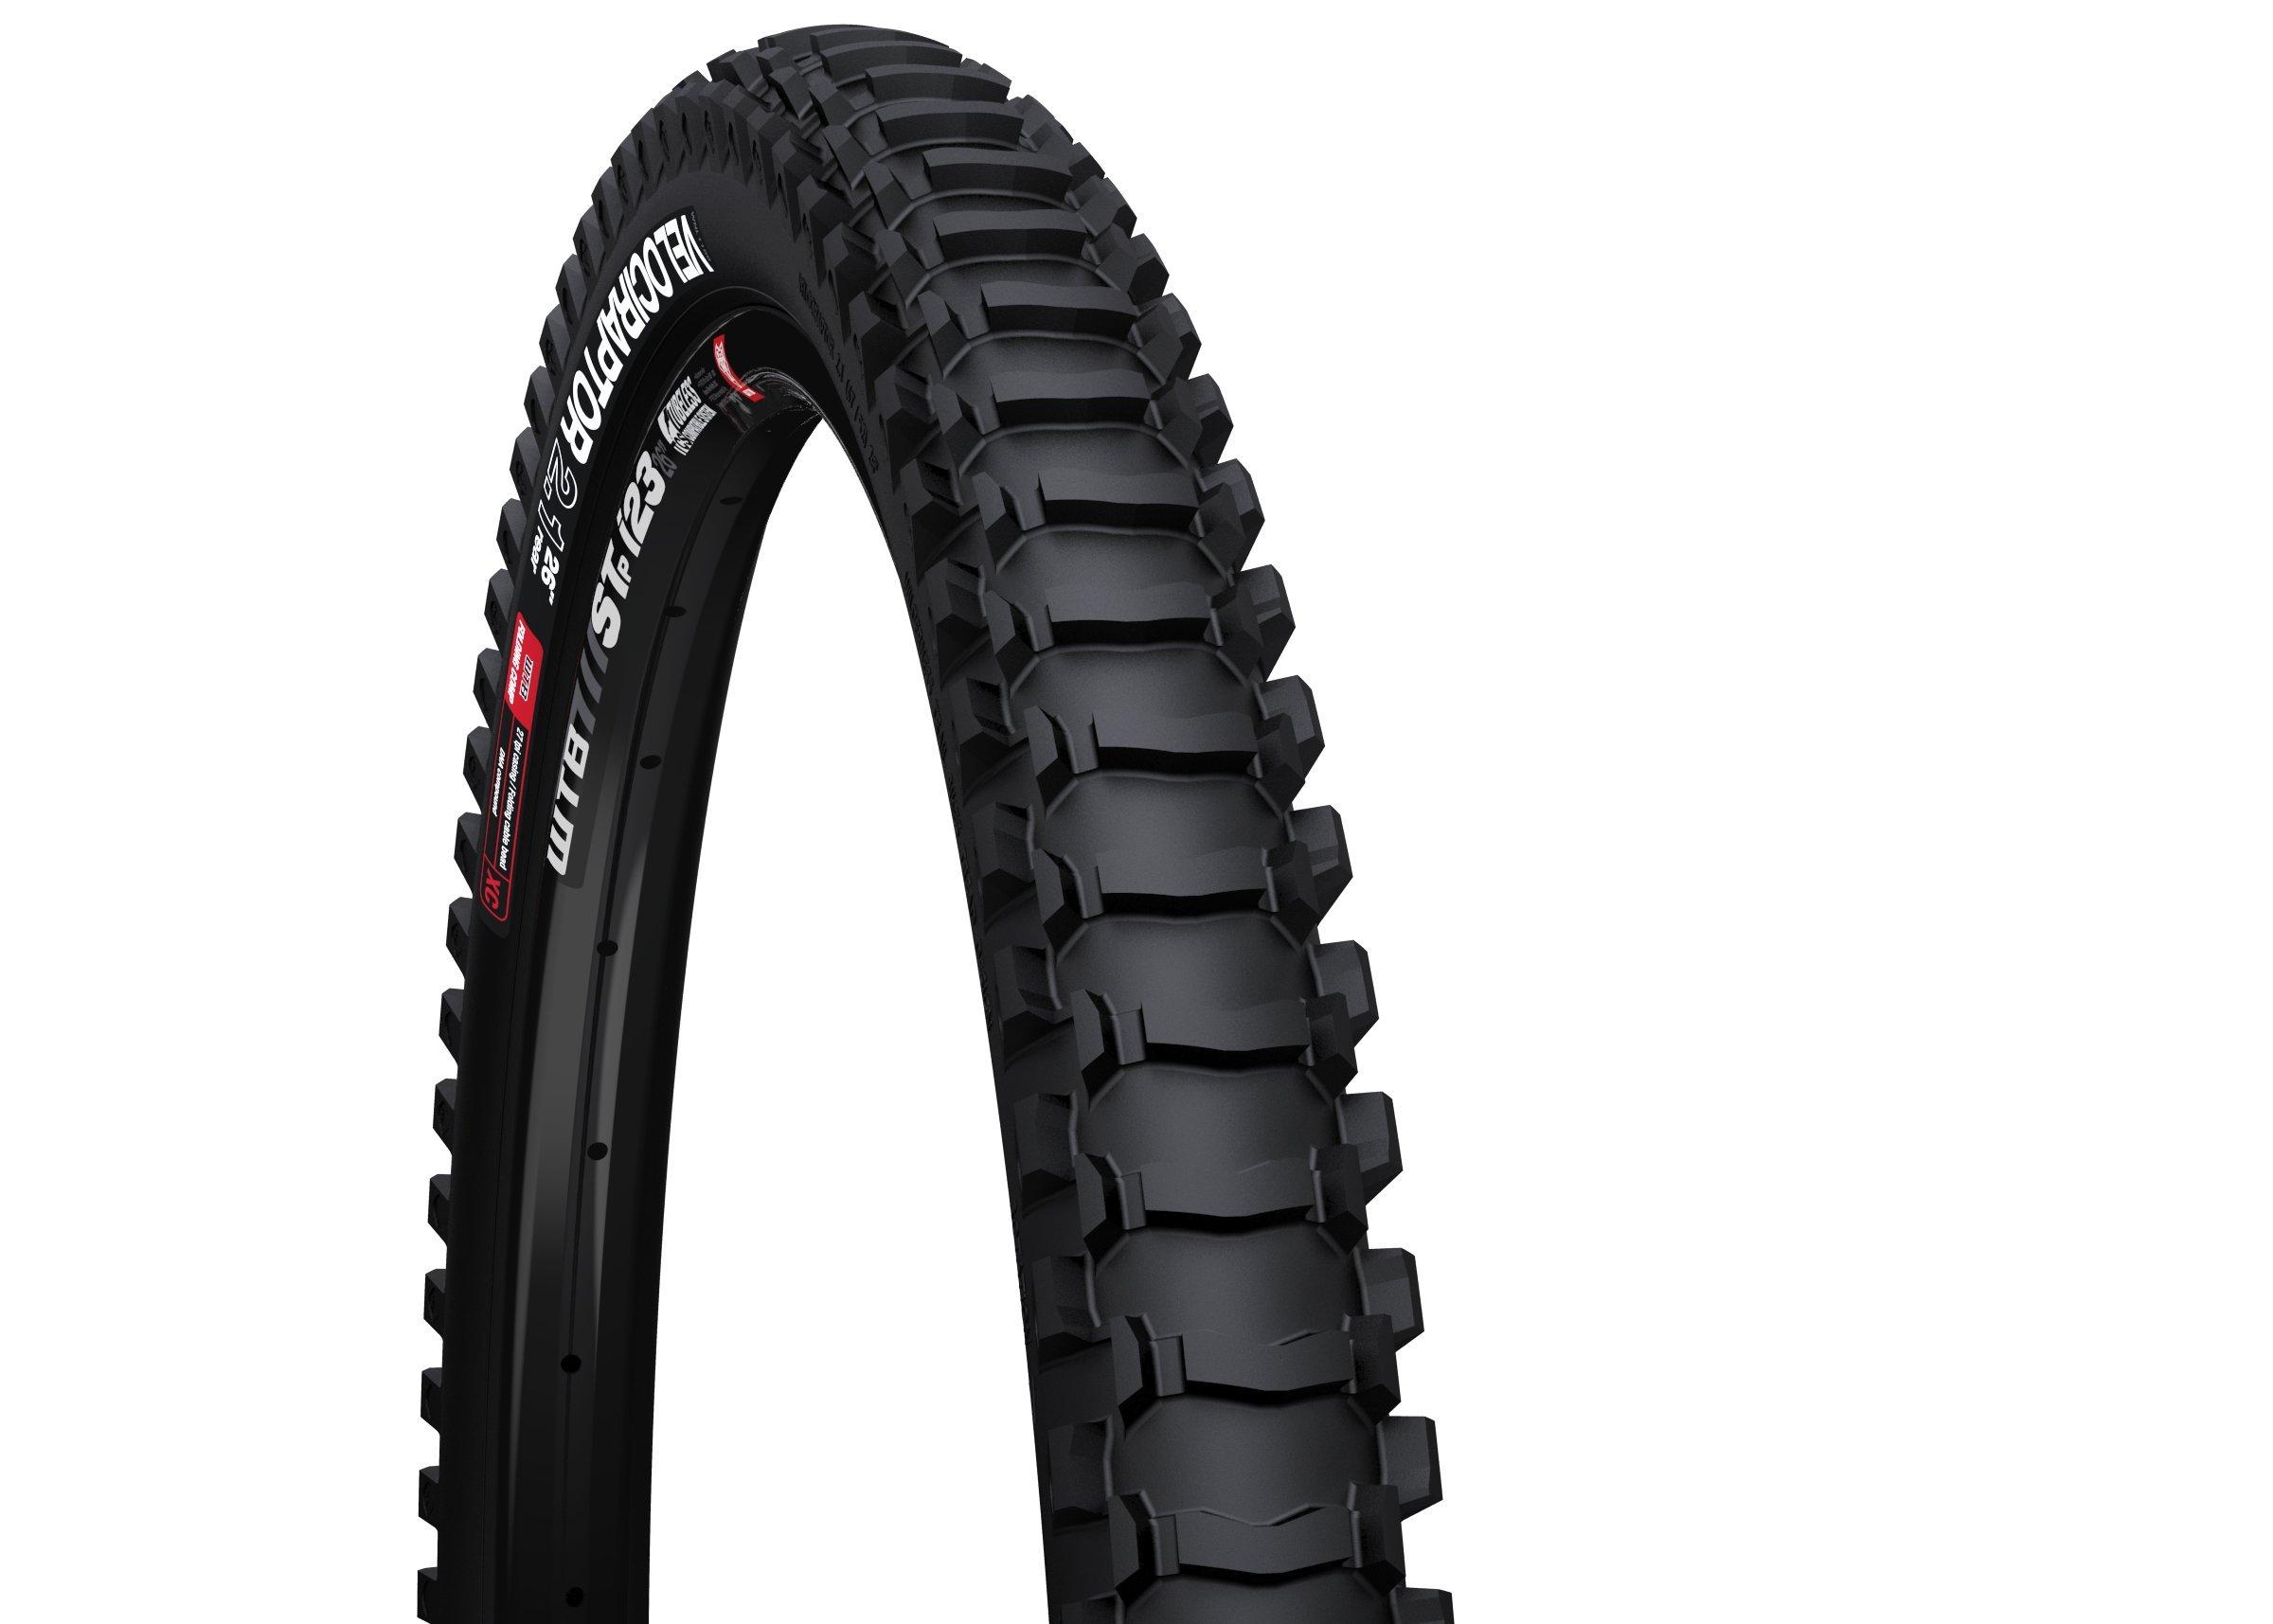 WTB VelociRaptor Rear Comp Tire